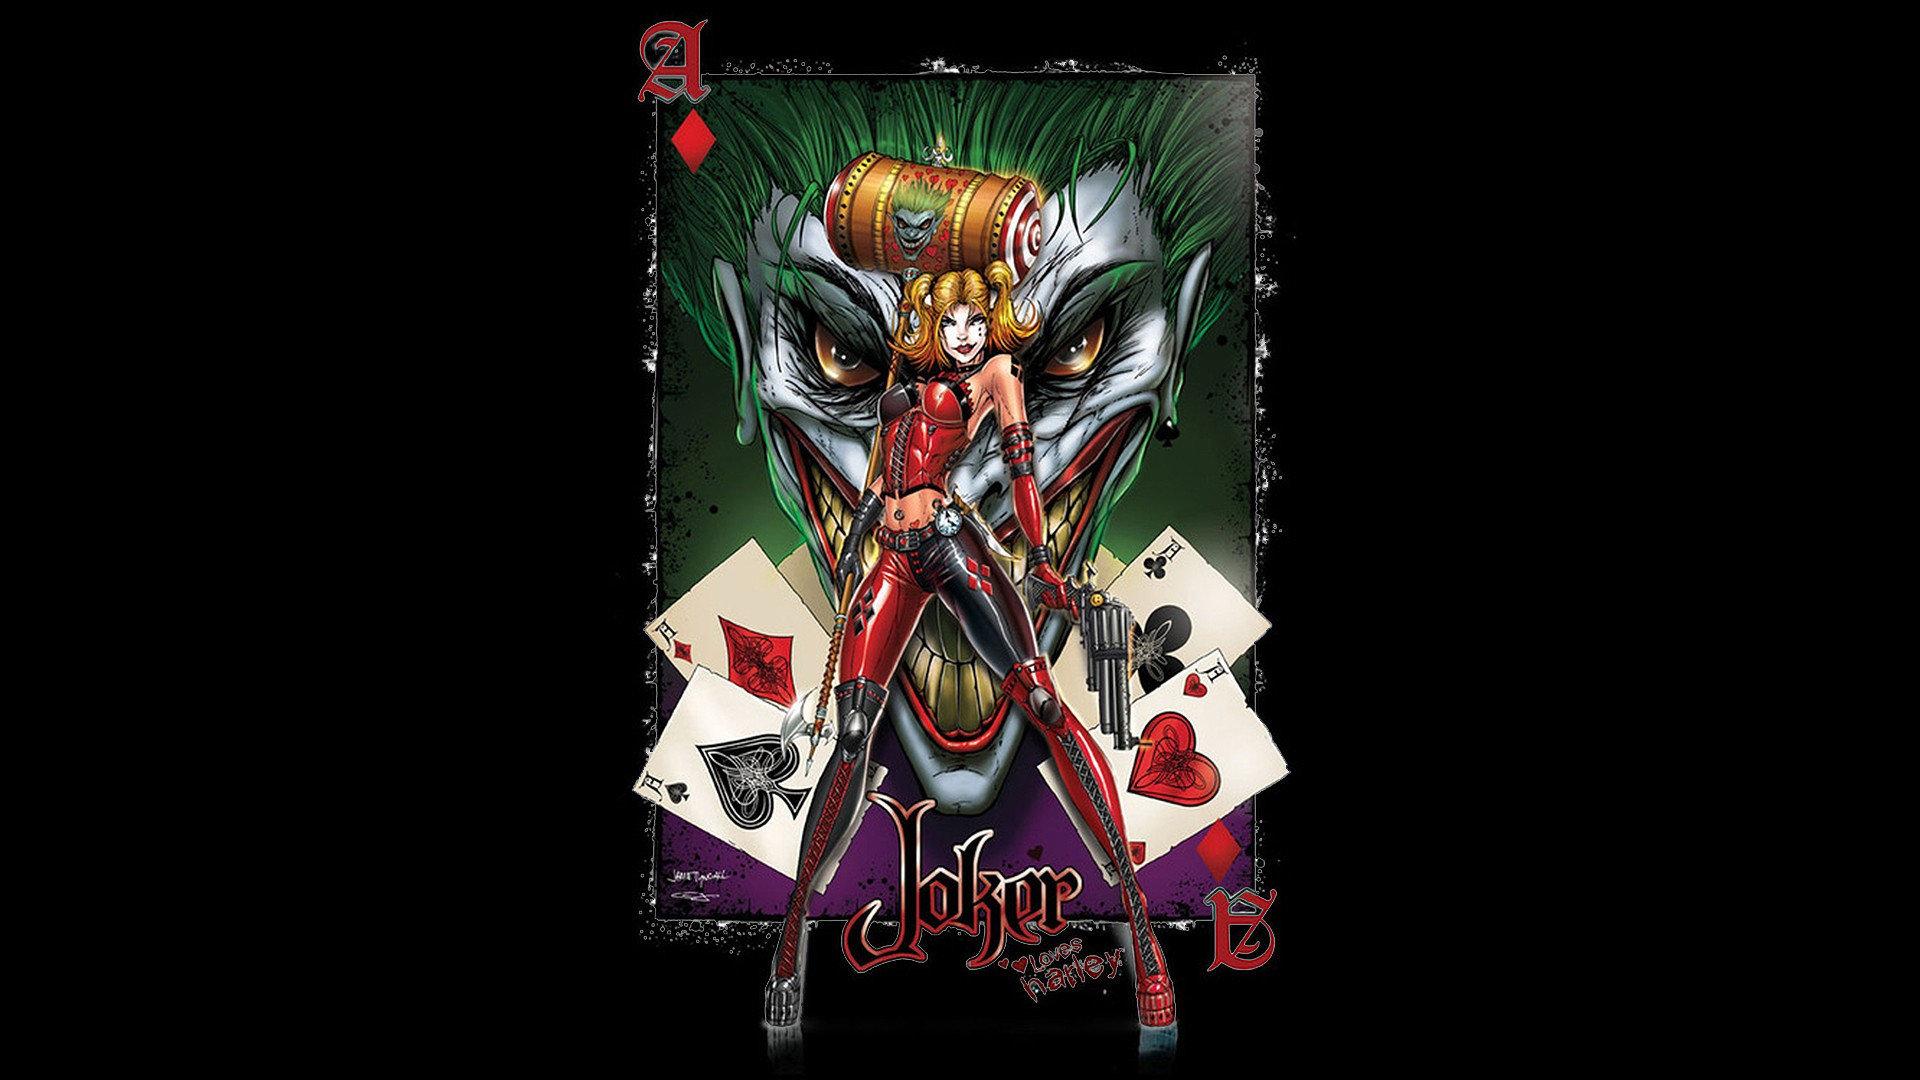 Download Full Hd 1920x1080 Harley Quinn Pc Wallpaper Id